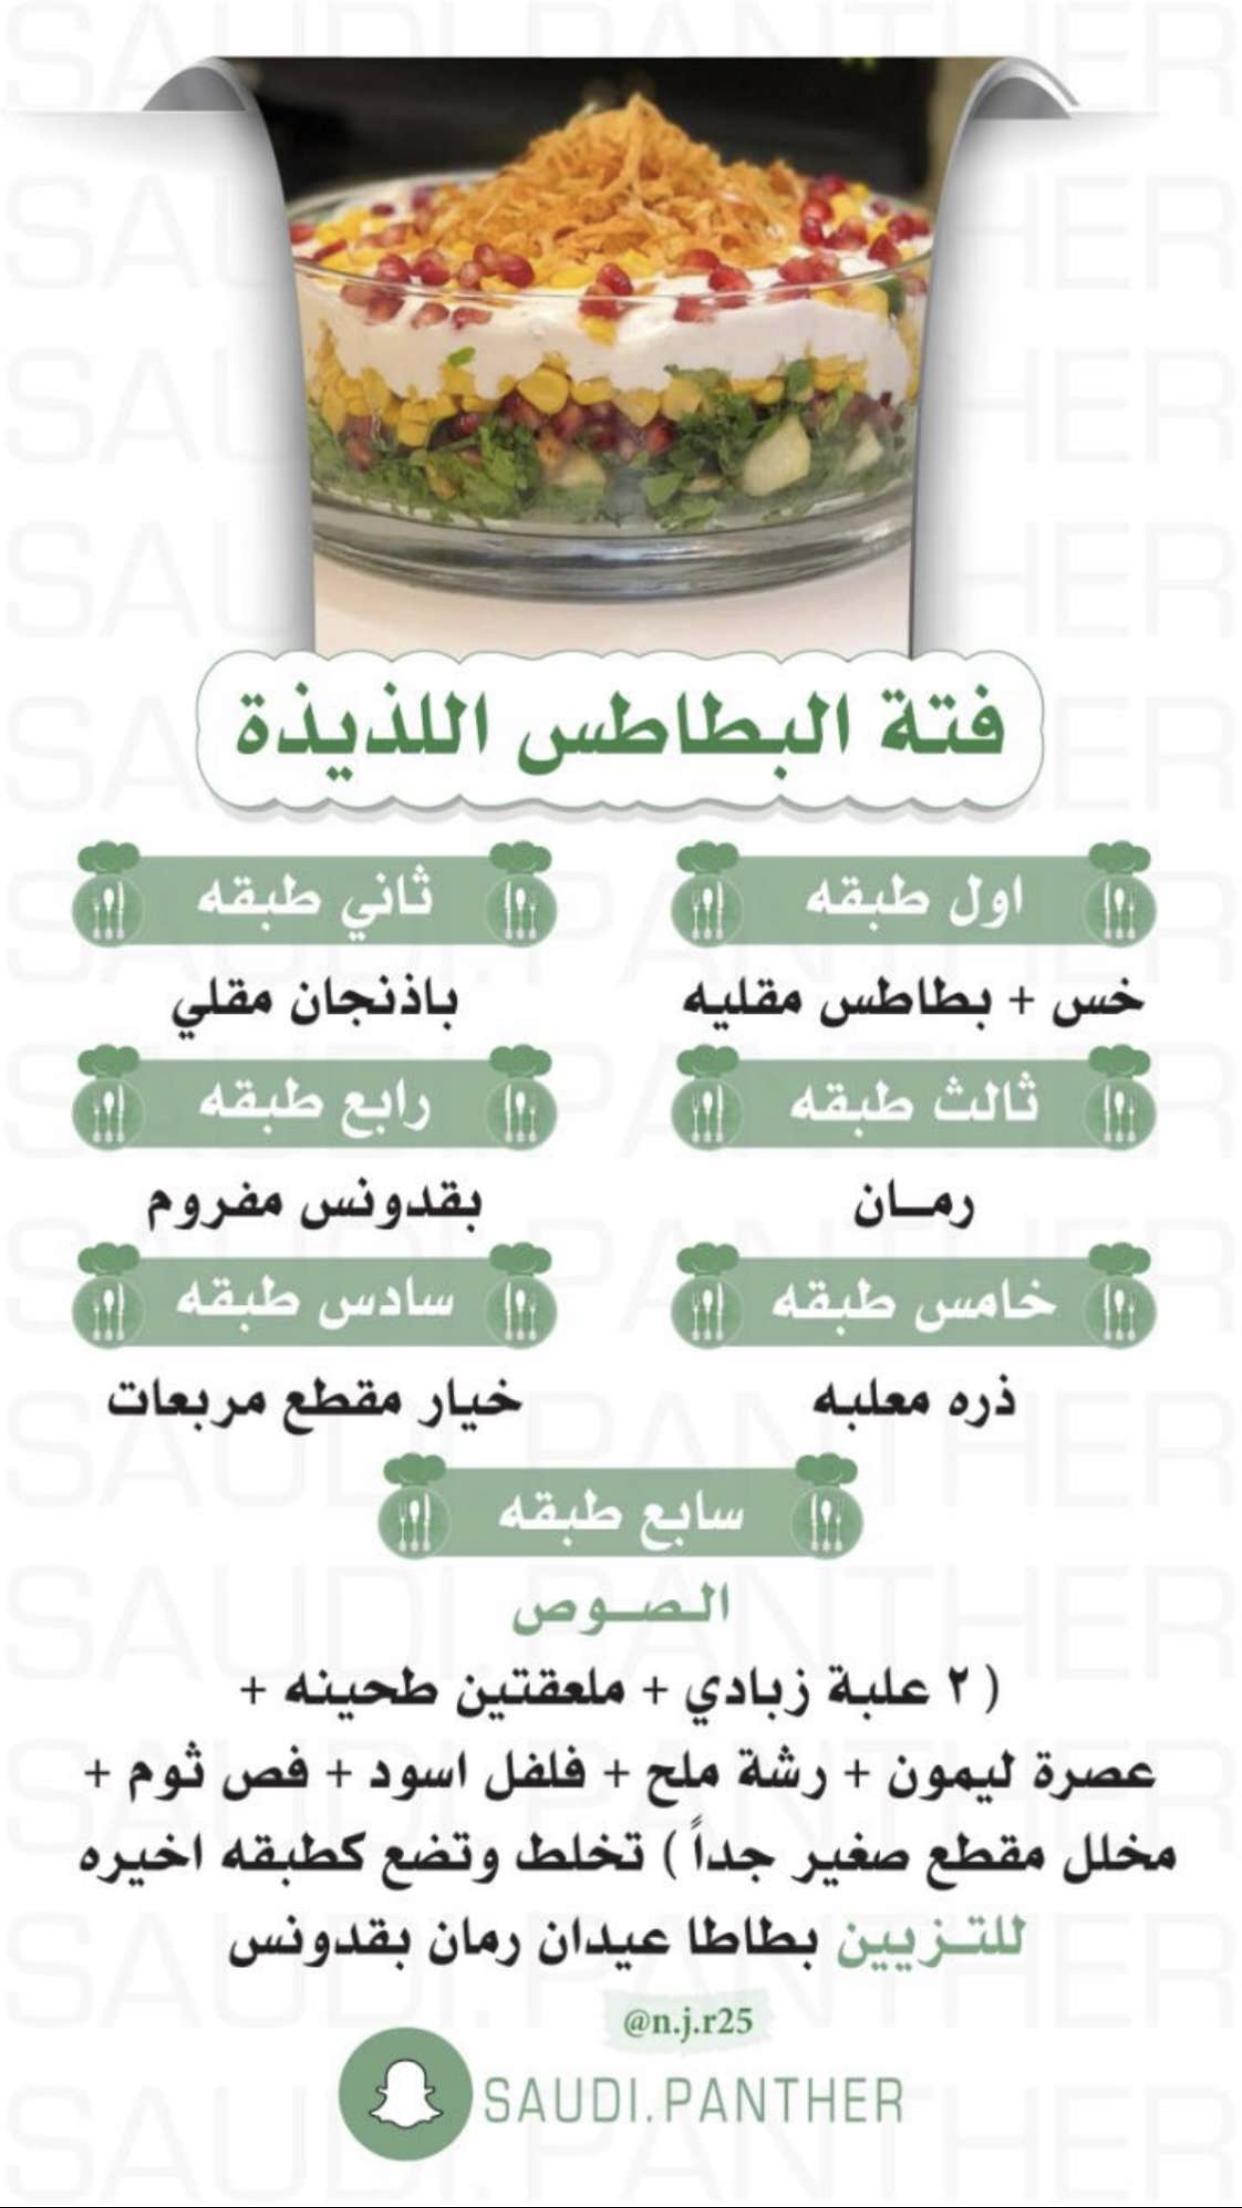 فتة البطاطس Cookout Food Diy Food Recipes Save Food